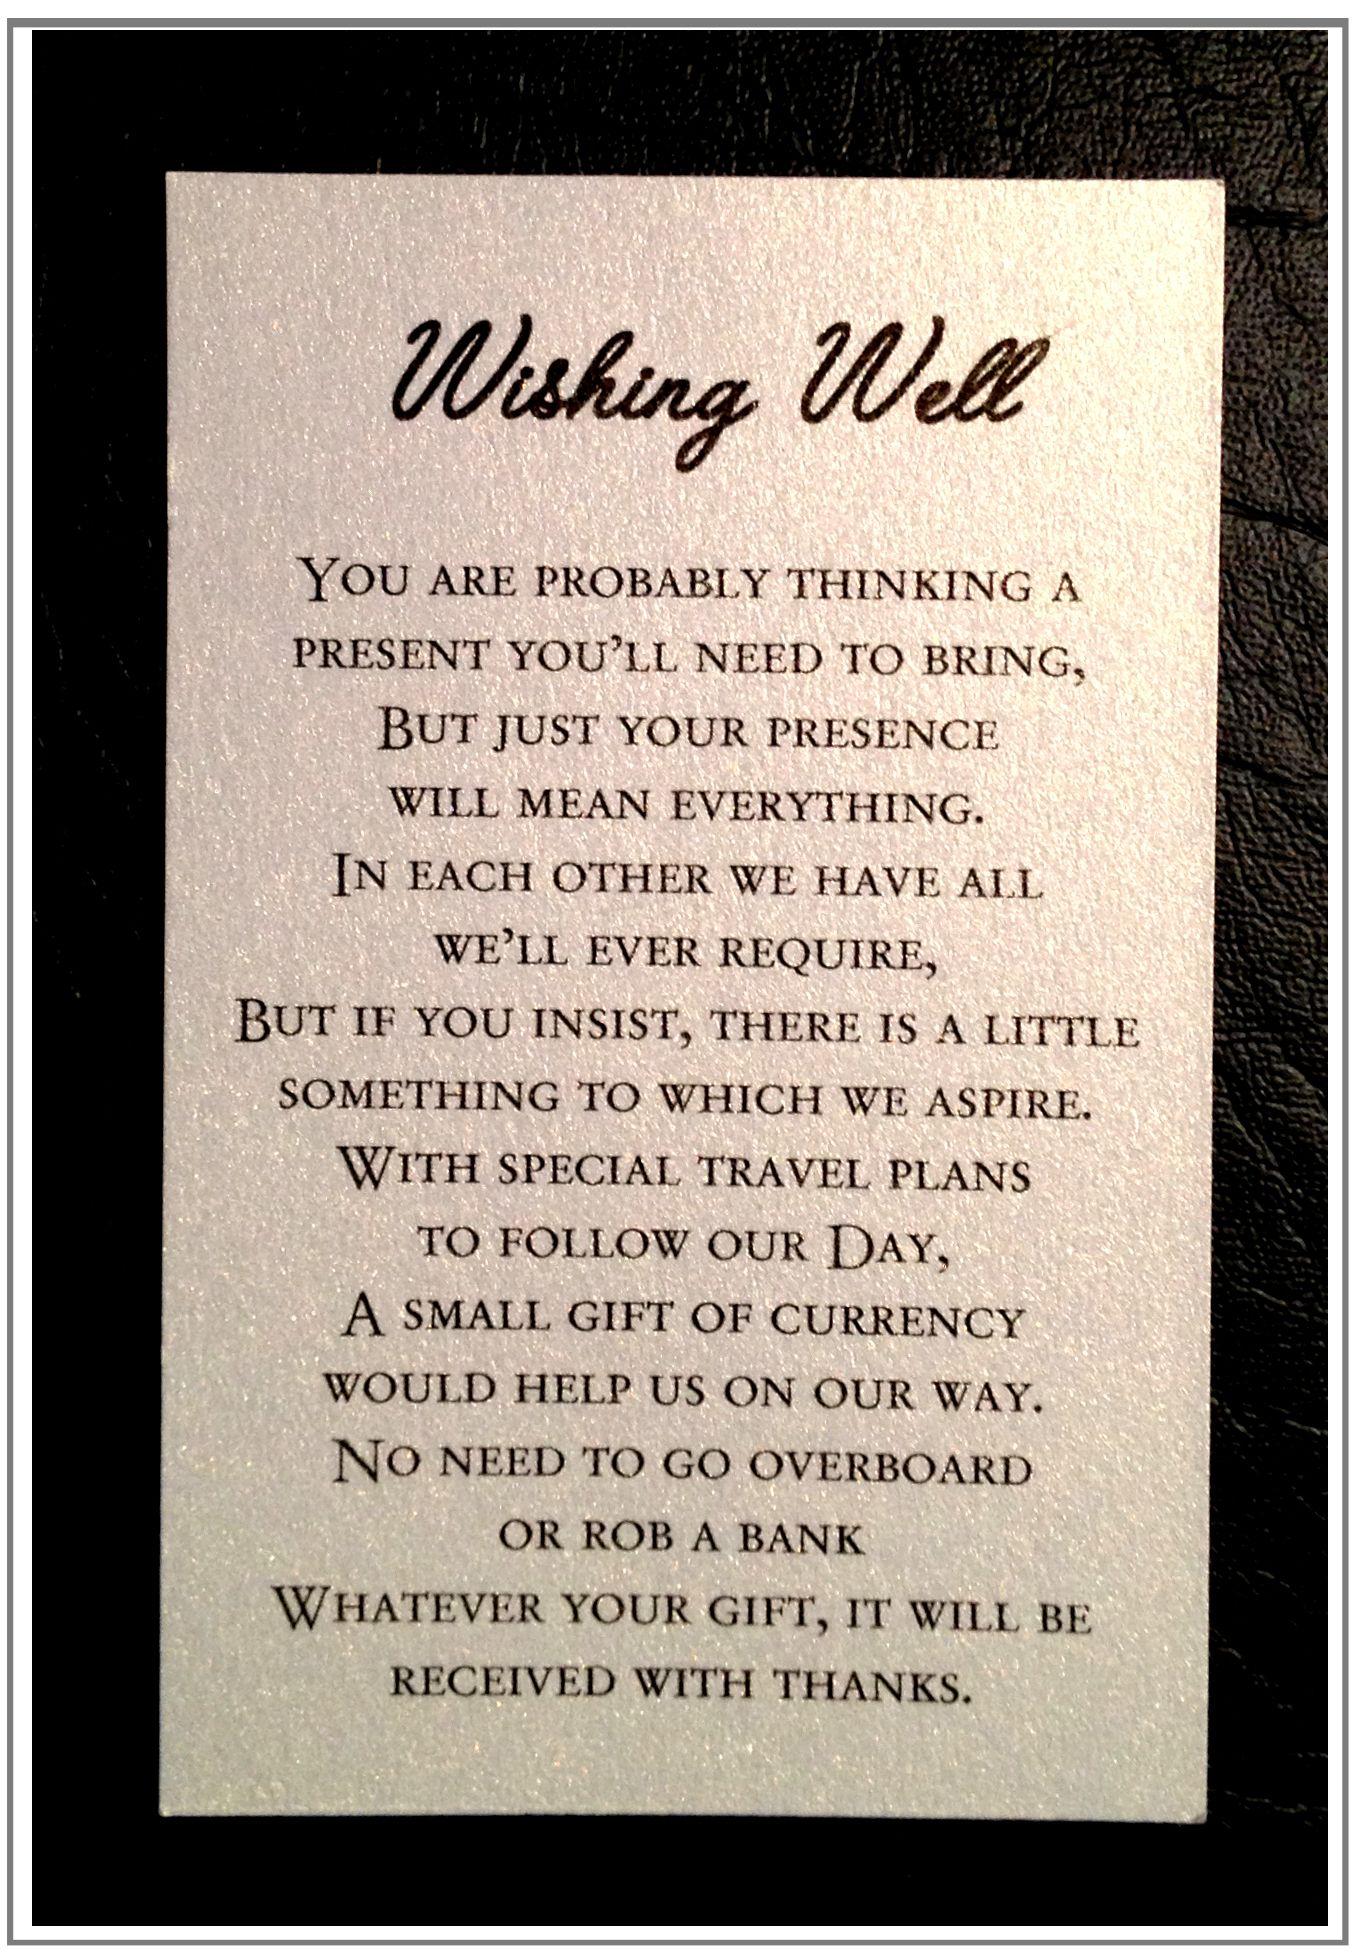 Wedding Poem Wishing Well